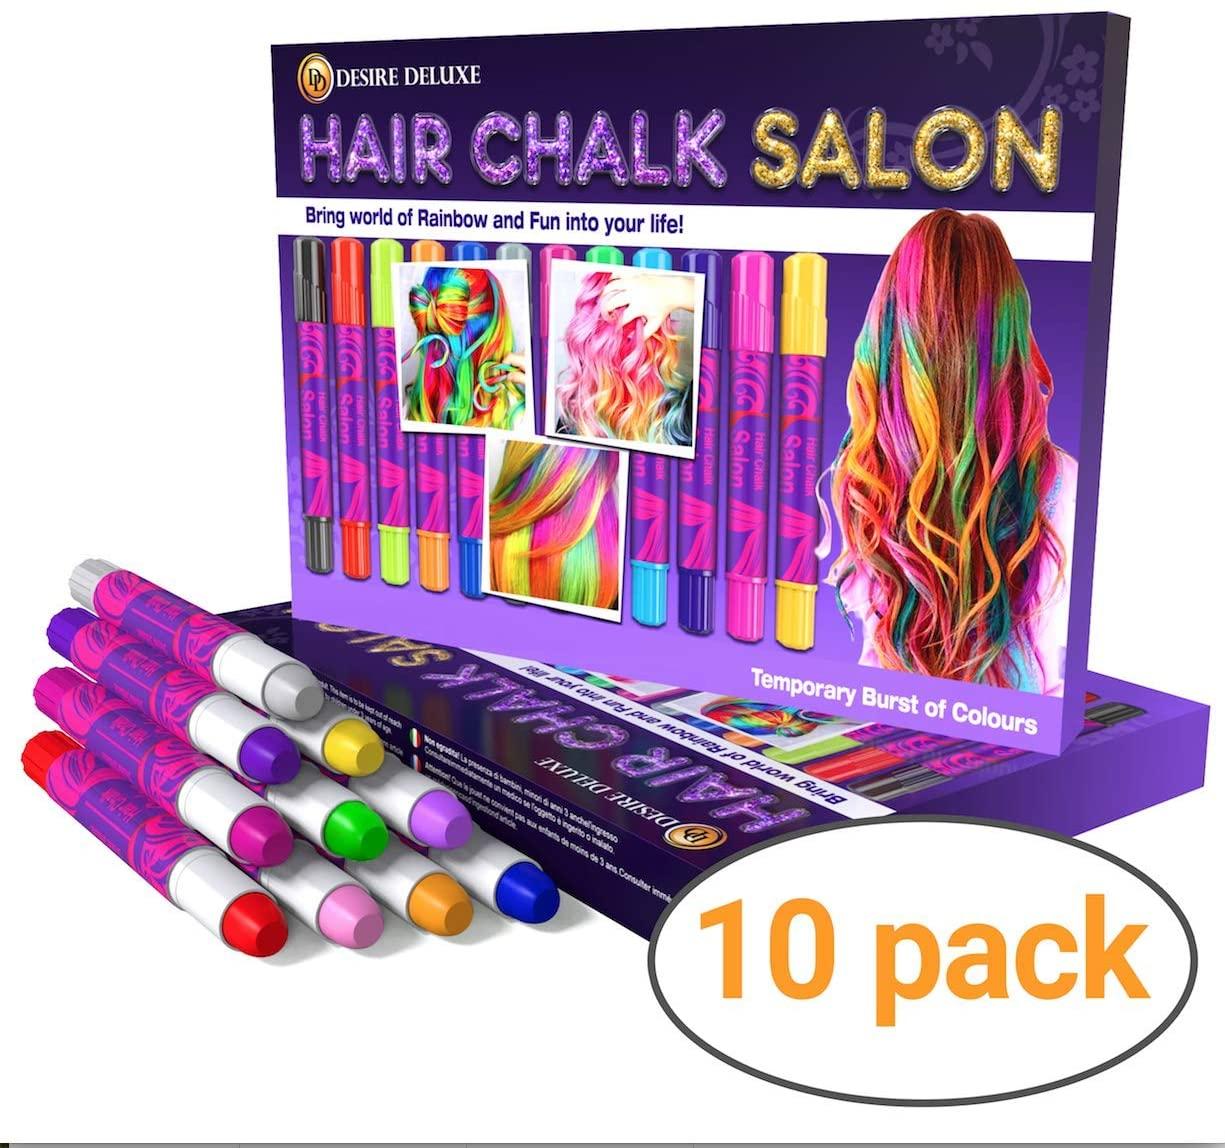 Hair Chalk Salon Desire Deluxe